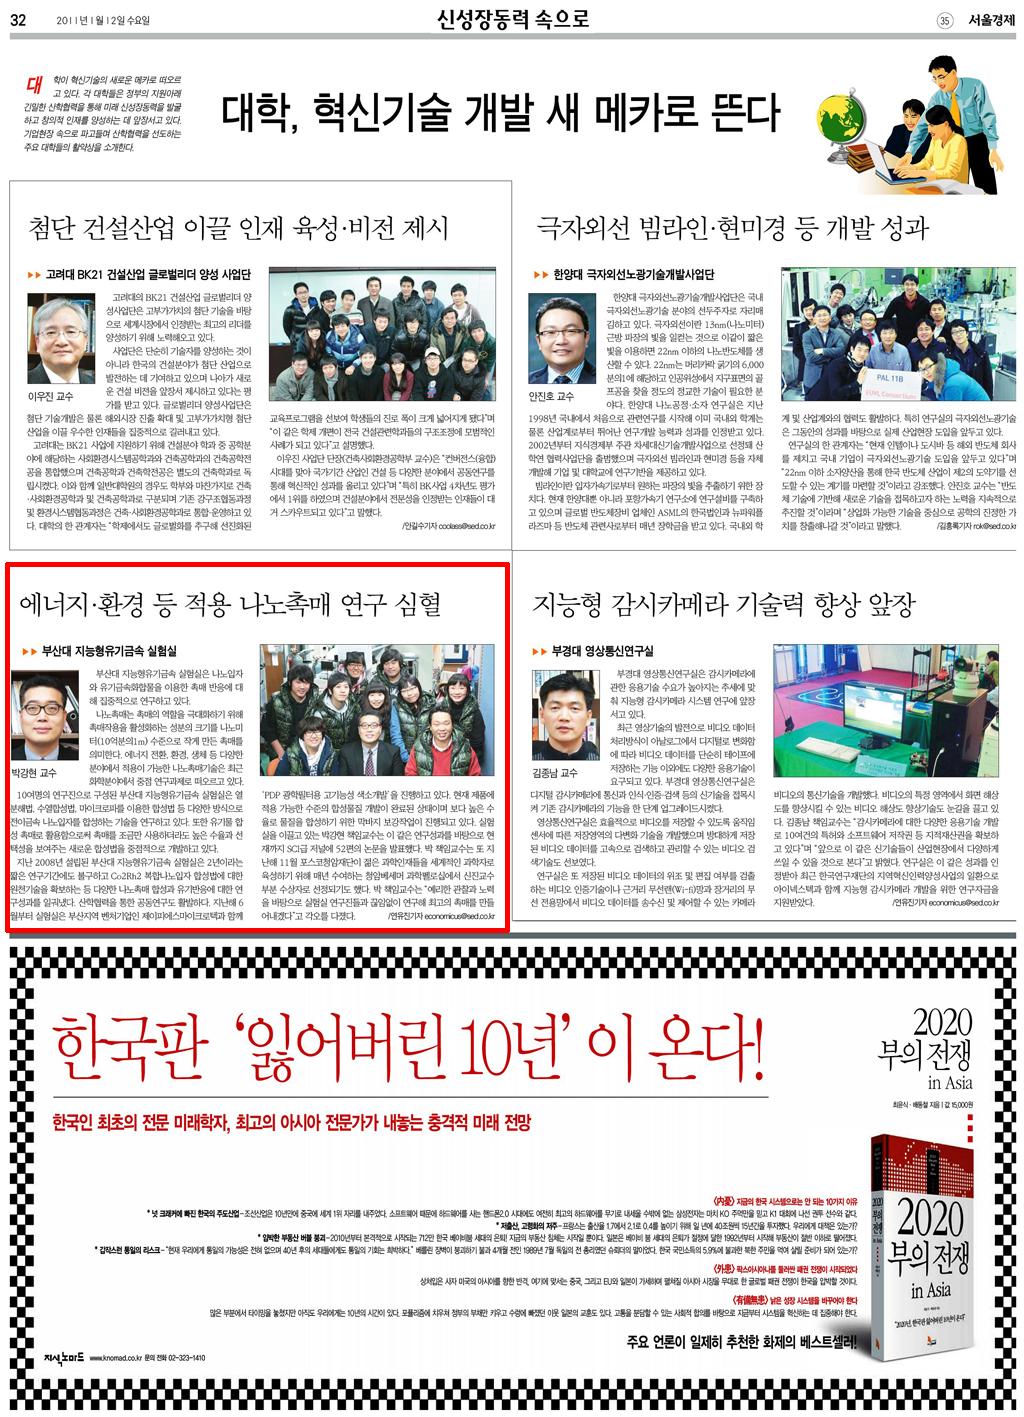 Wed Jan 12 2011 - 32.jpg